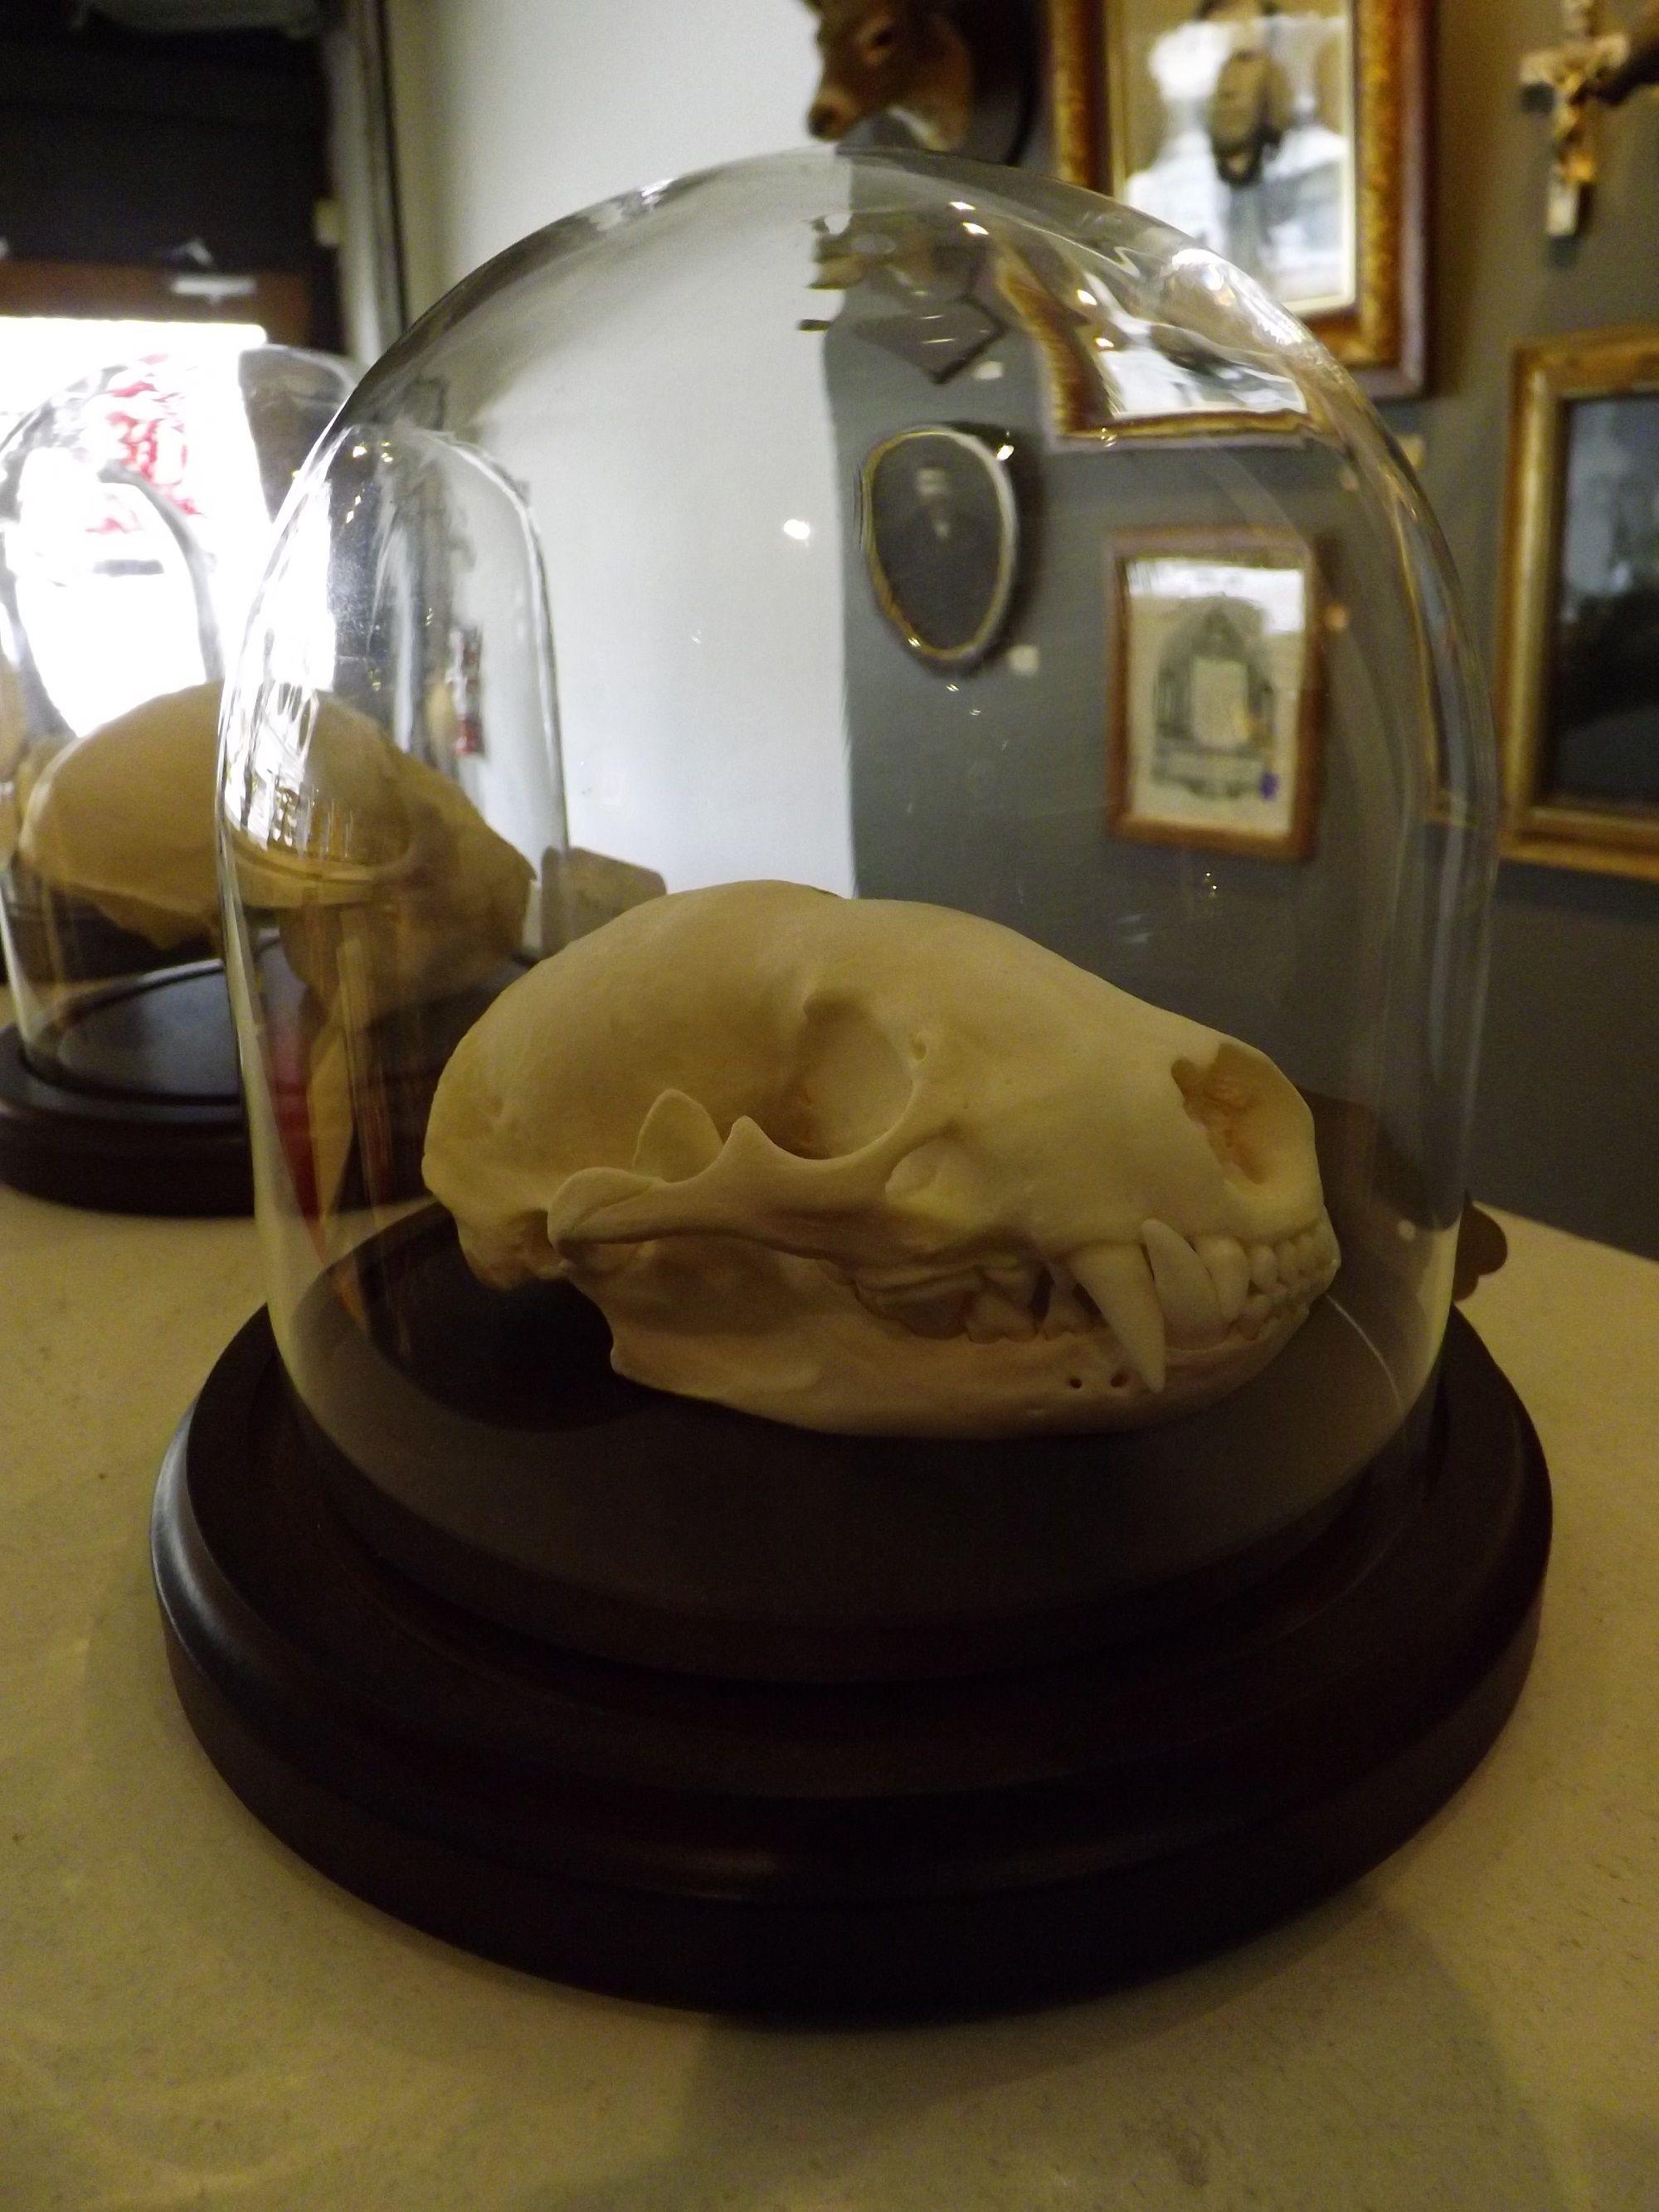 Badger skull in glass dome.